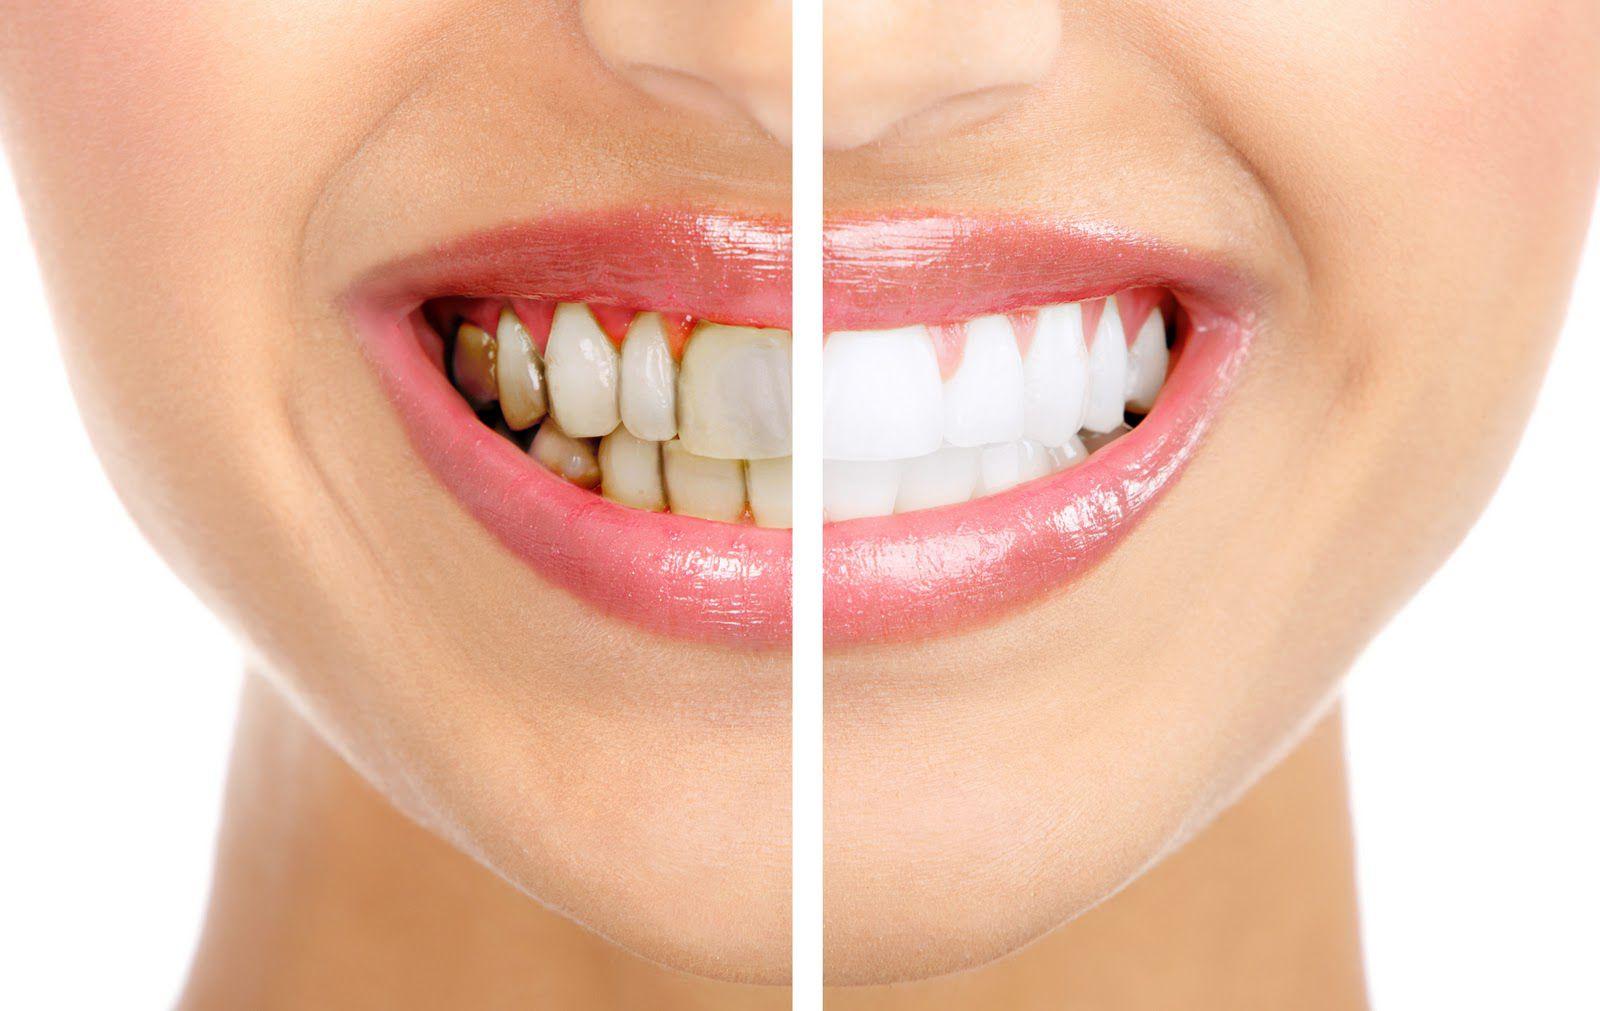 Tẩy trắng răng có ảnh hưởng gì không - có đau buốt không? 1